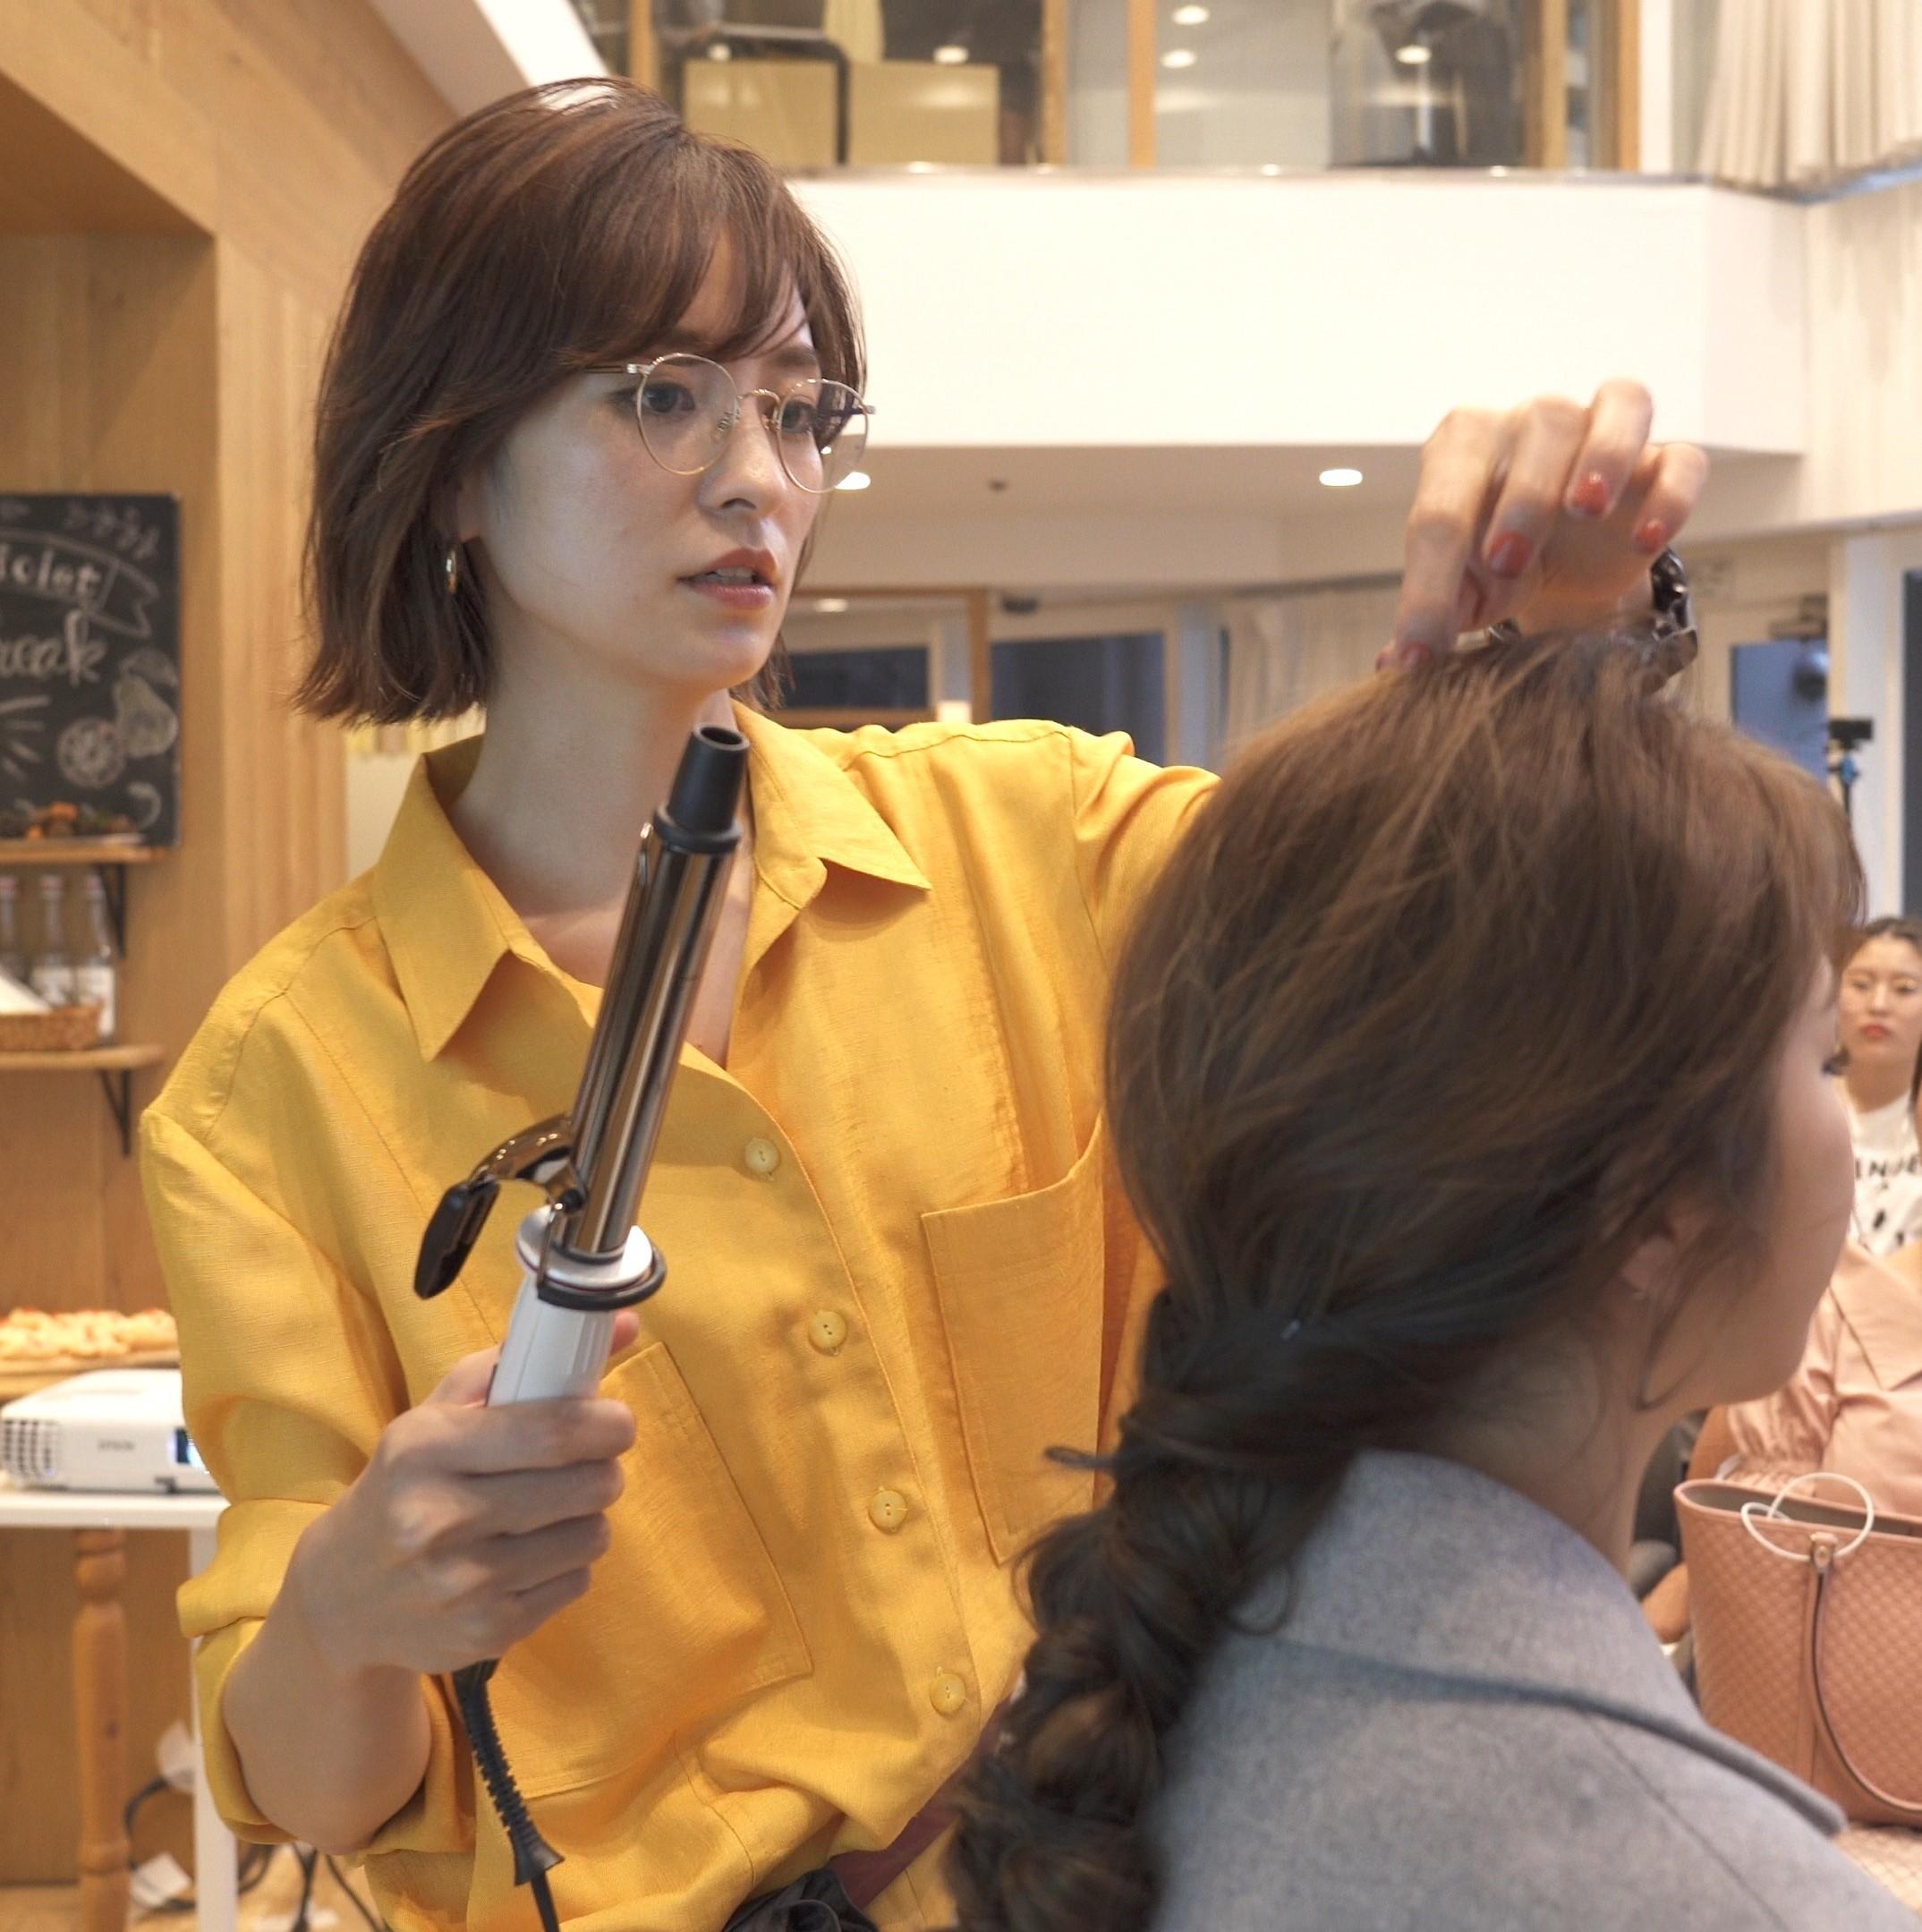 サロンスタイリストによるヘアスタイリング実演